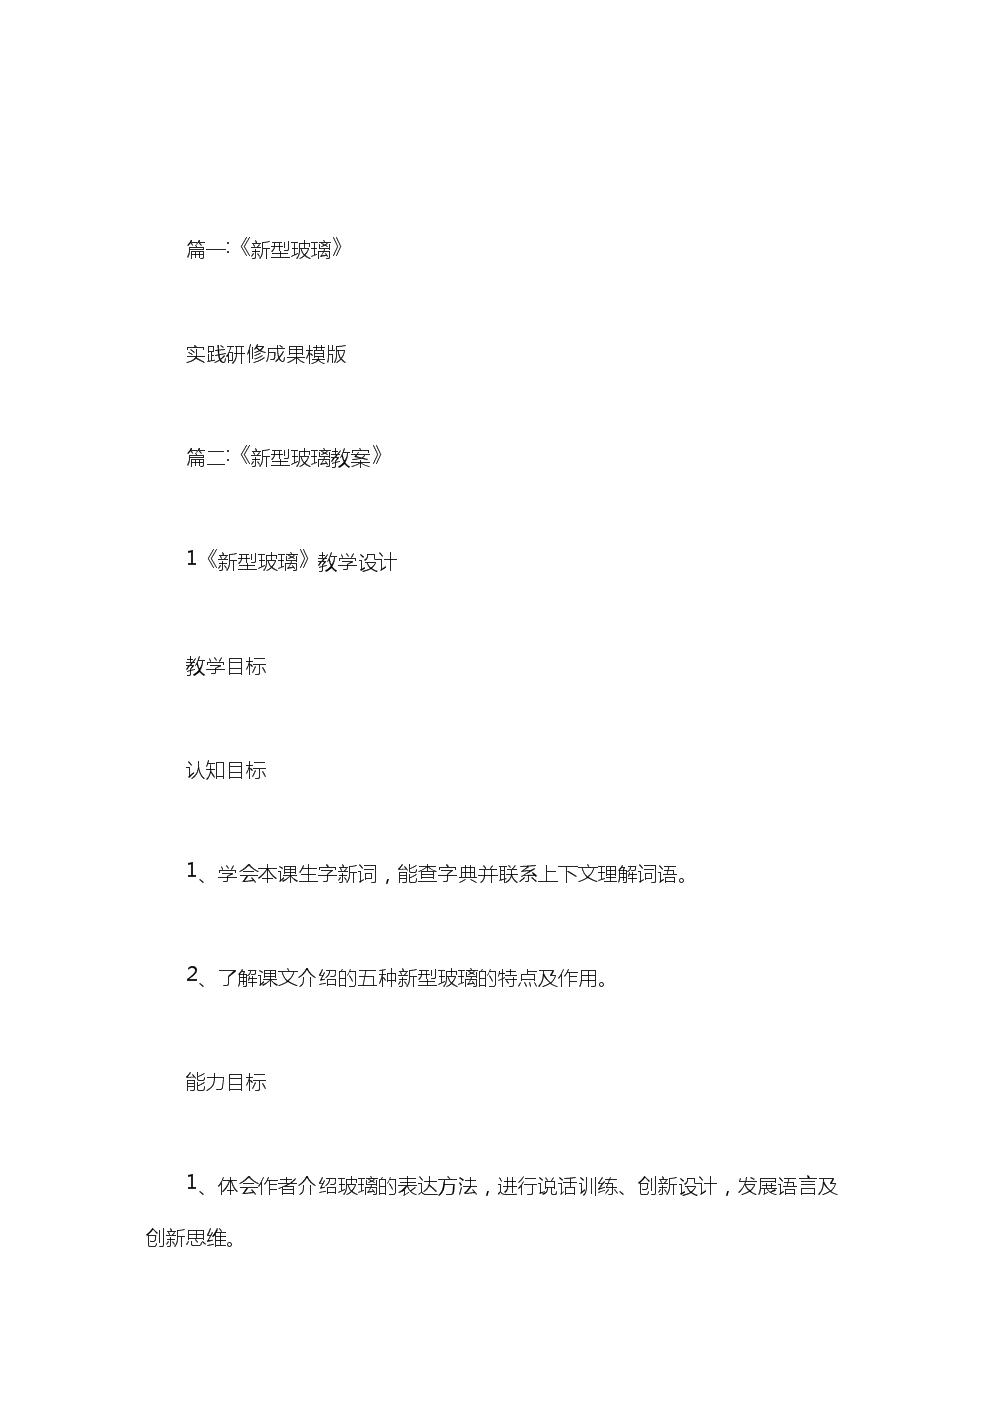 新型玻璃展销词.doc